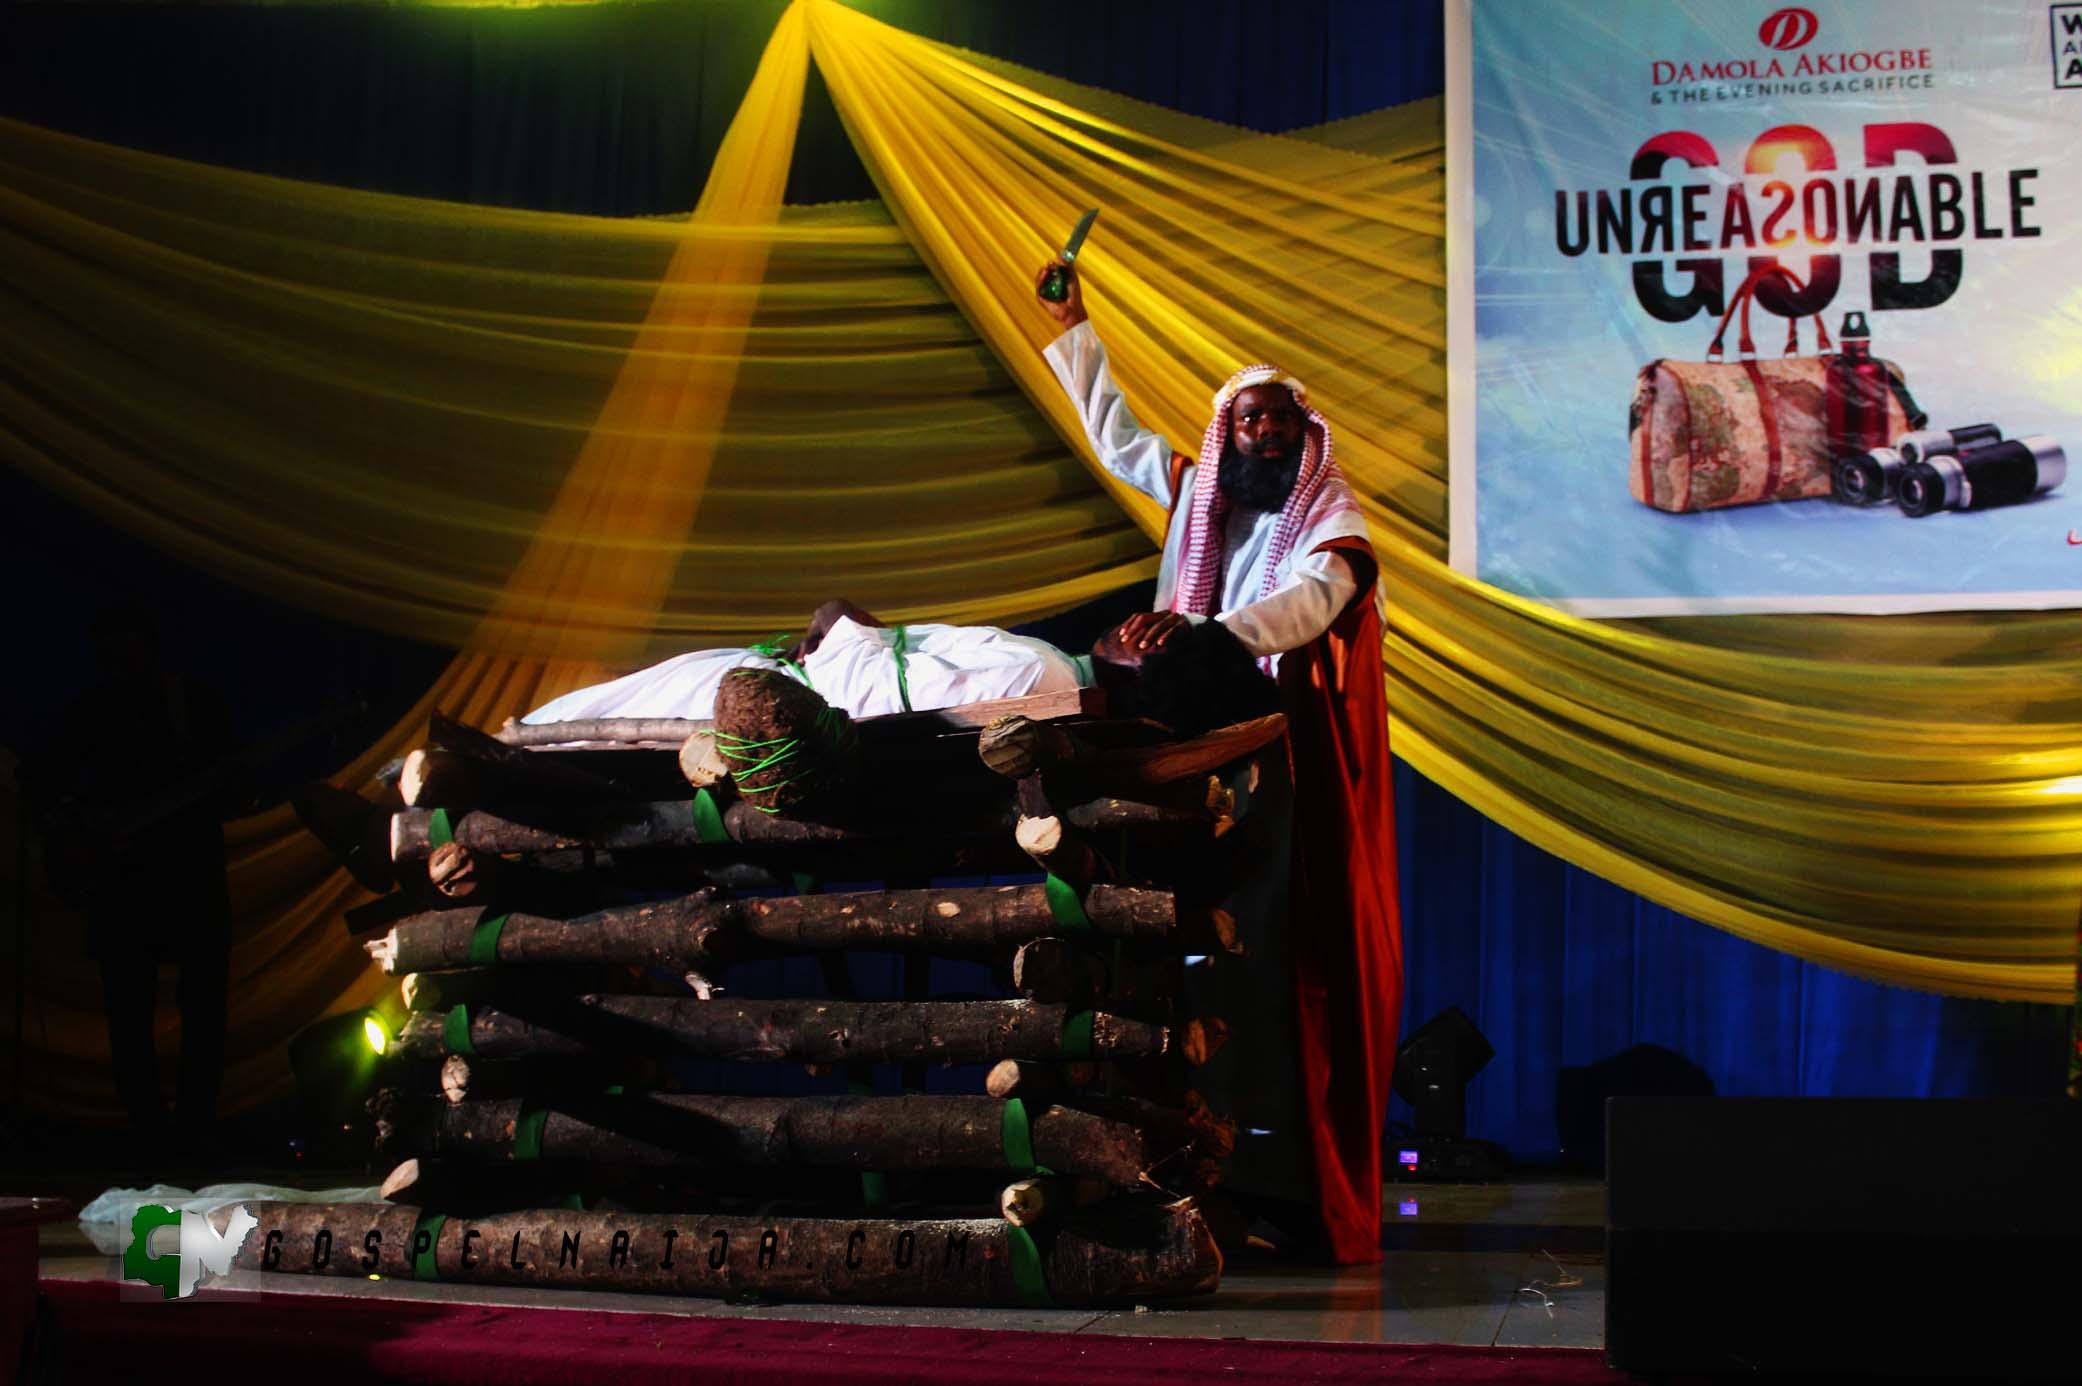 UNREASONABLE GOD with Damola Akiogbe WAYA 2017 [@DamolaWAYA] (34)